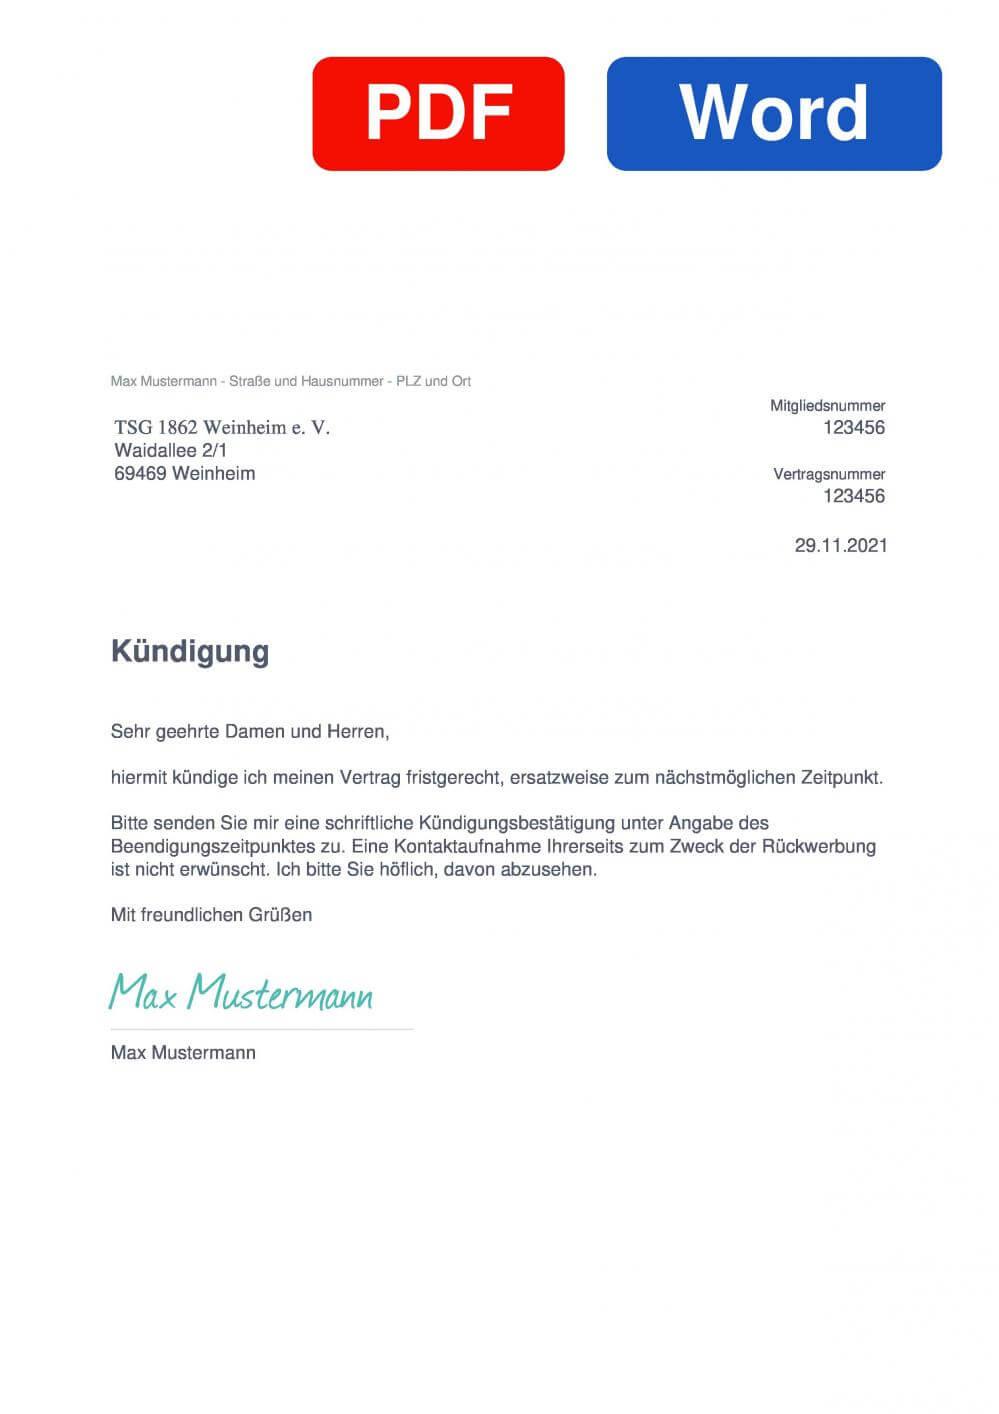 TSG 1862 Weinheim Muster Vorlage für Kündigungsschreiben